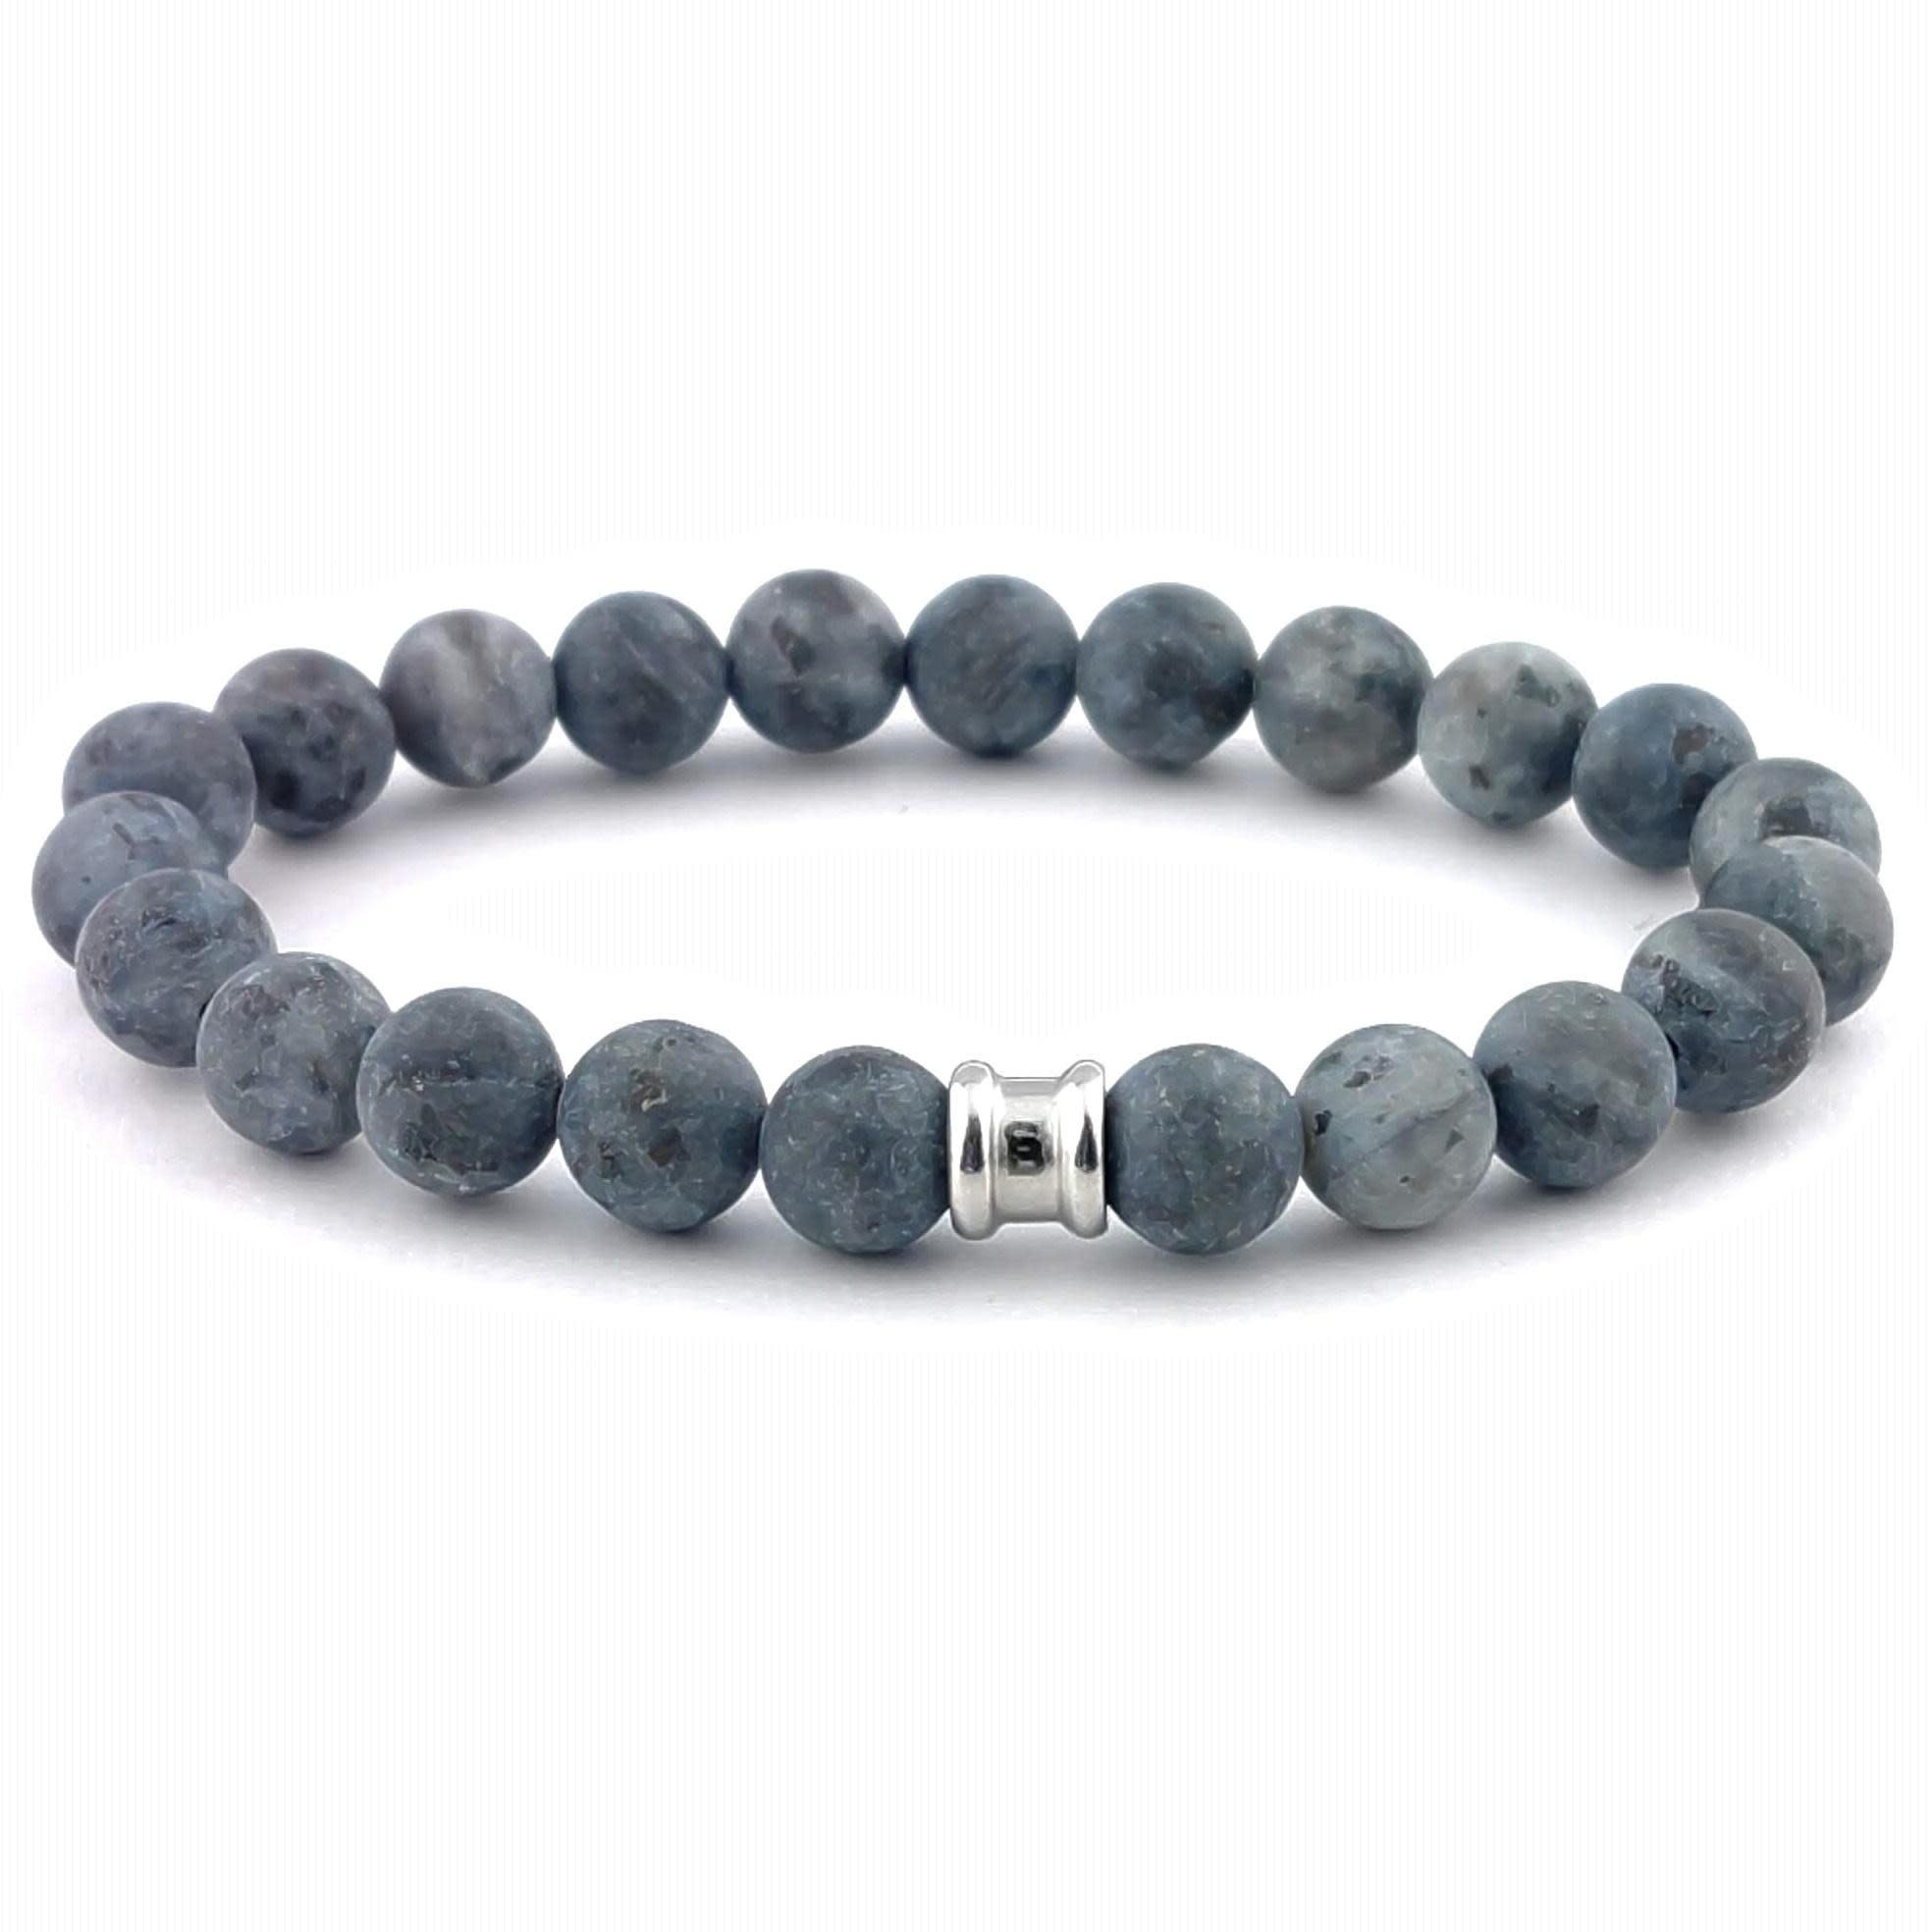 Steel & Barnett Stones bracelet basic - Matt Lavikite - Size S